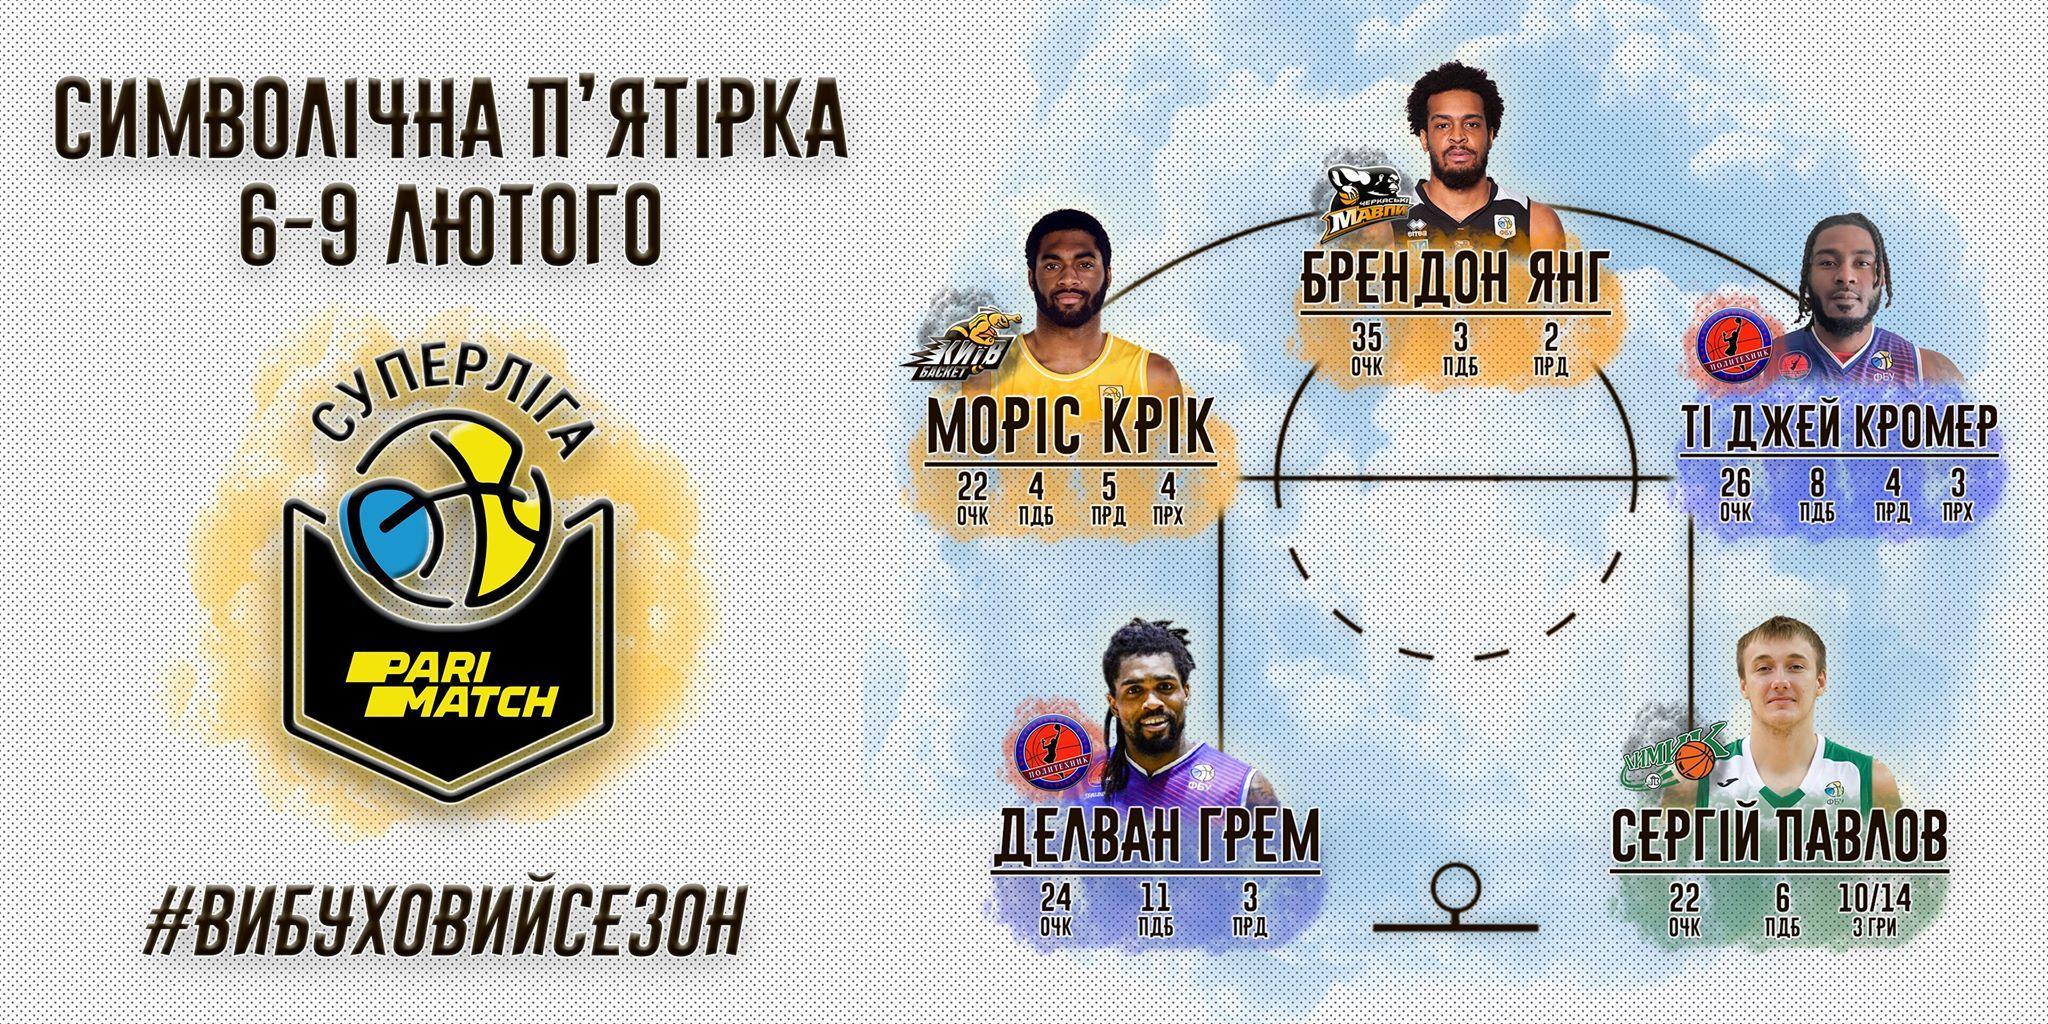 Гравець збірної України і чотири легіонери у складі збірної туру